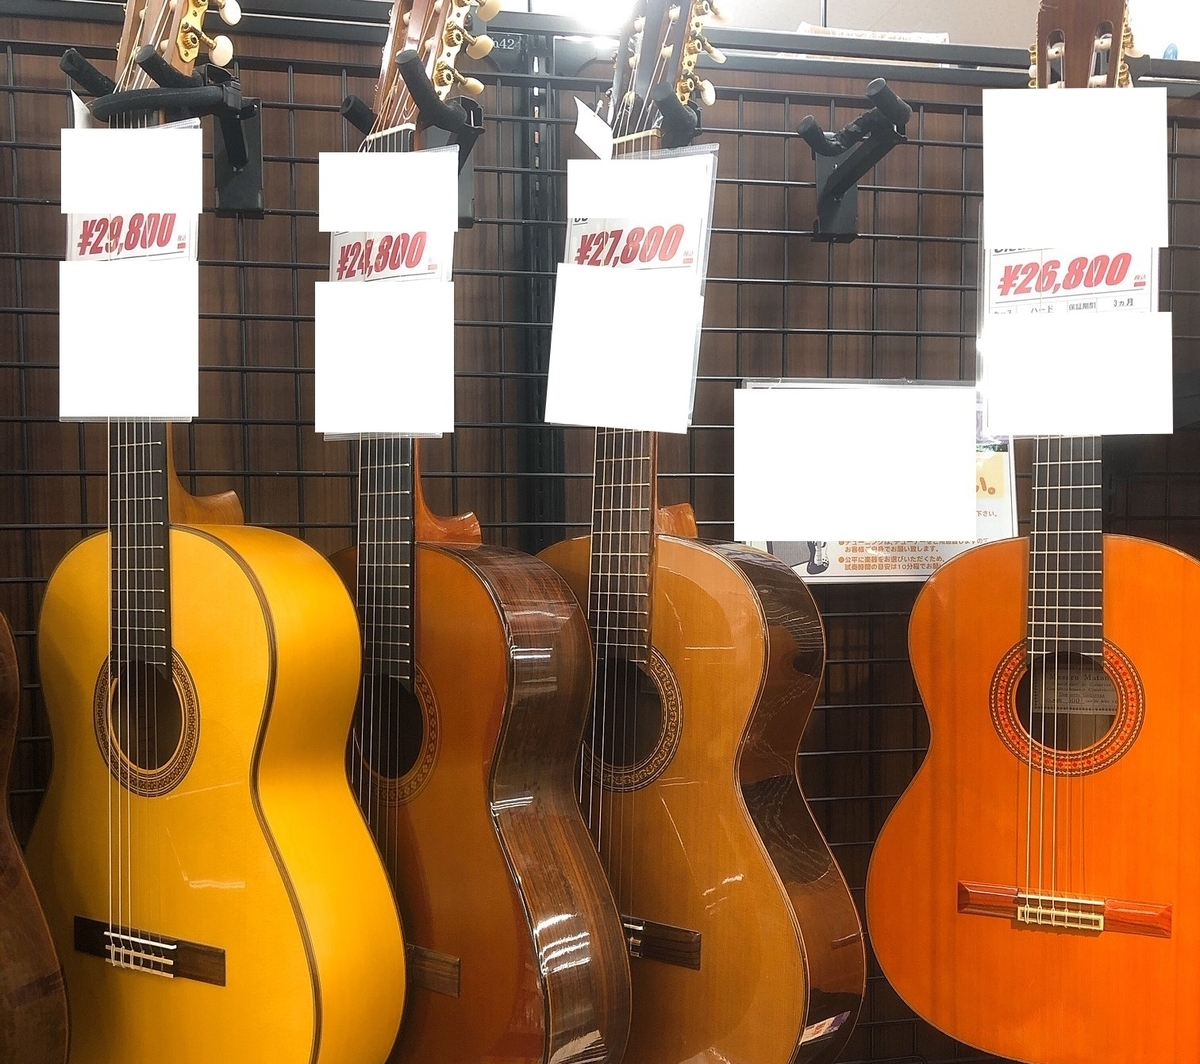 ふじみ野市でお得に処分したアコースティックギター各種